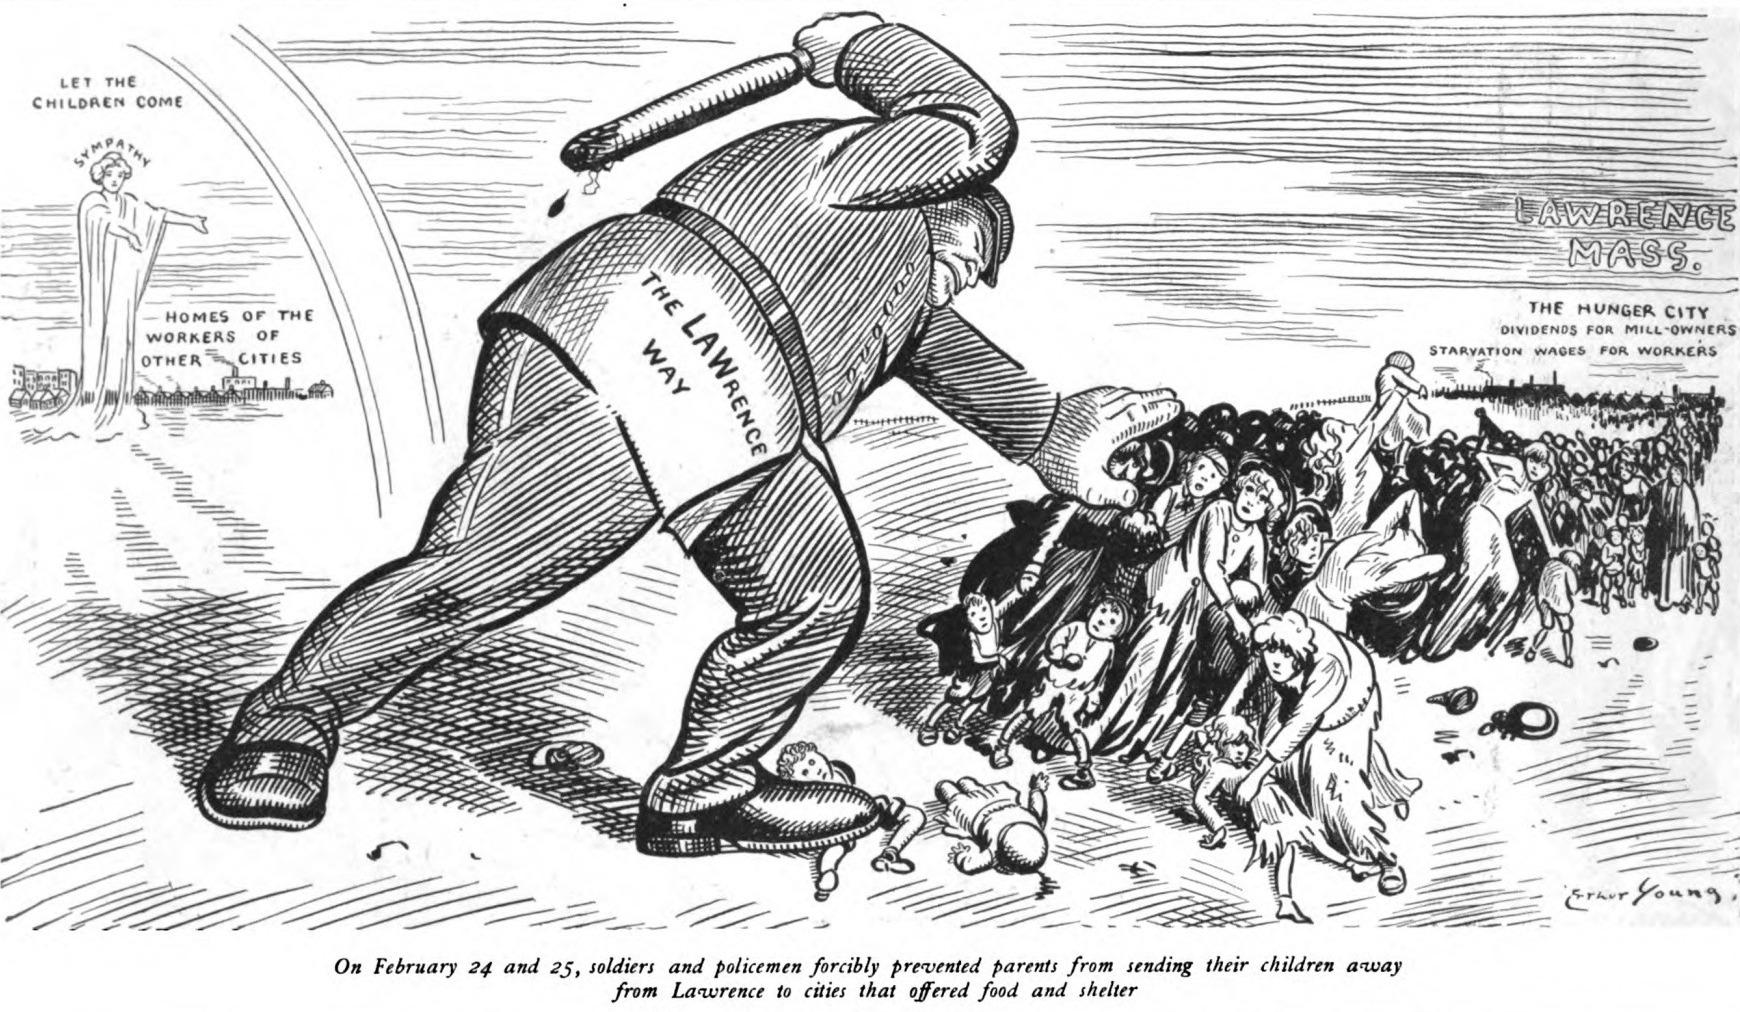 """Политическая карикатура того времени, на которой изображены голодающие иммигранты и полицейская сила, которую направили на подавление по сути голодного бунта. Видимо еще один """"караван"""" и что тогдашние Трампы думали об этом."""